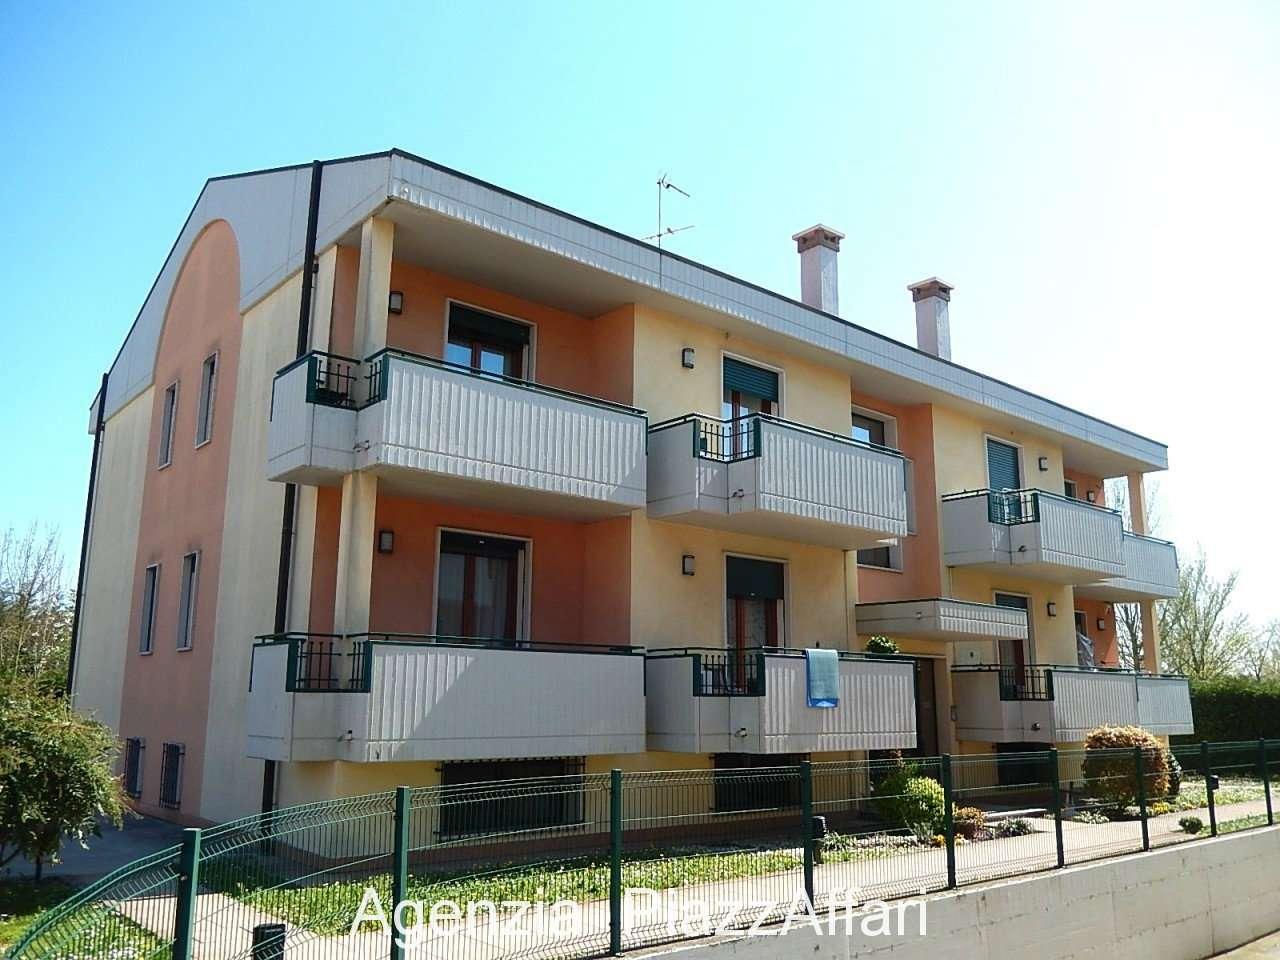 Appartamento in vendita Rif. 7836112